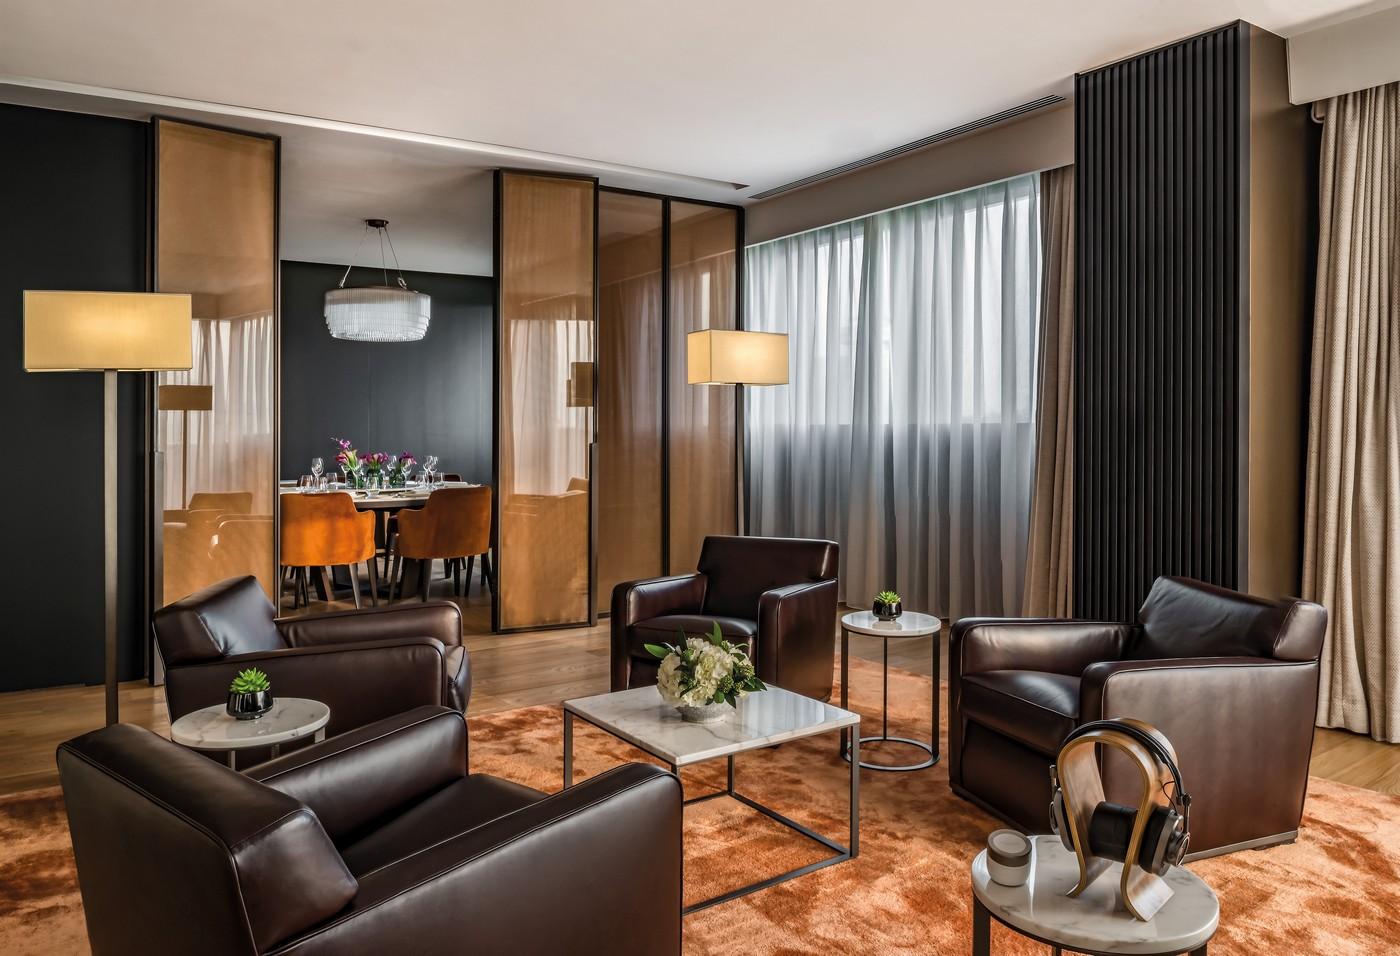 Terrace-Suite-3.jpg (1400×956)